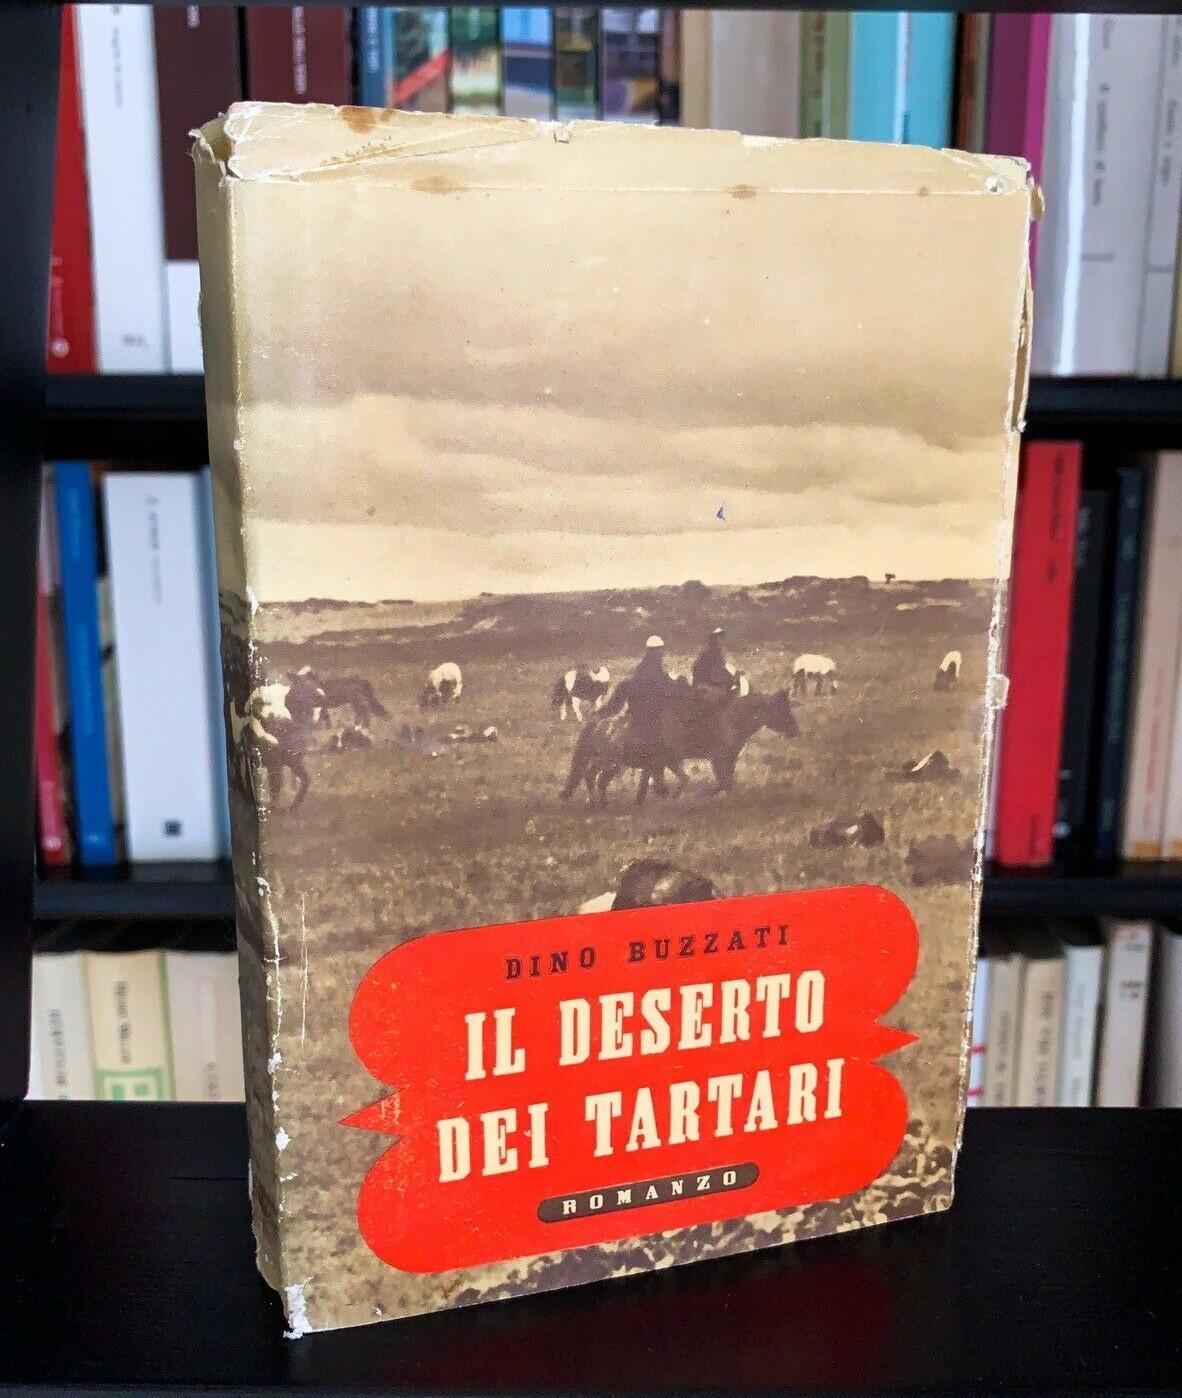 Dino Buzzati: Il deserto dei tartari – prima edizione assoluta (Rizzoli, 1940)